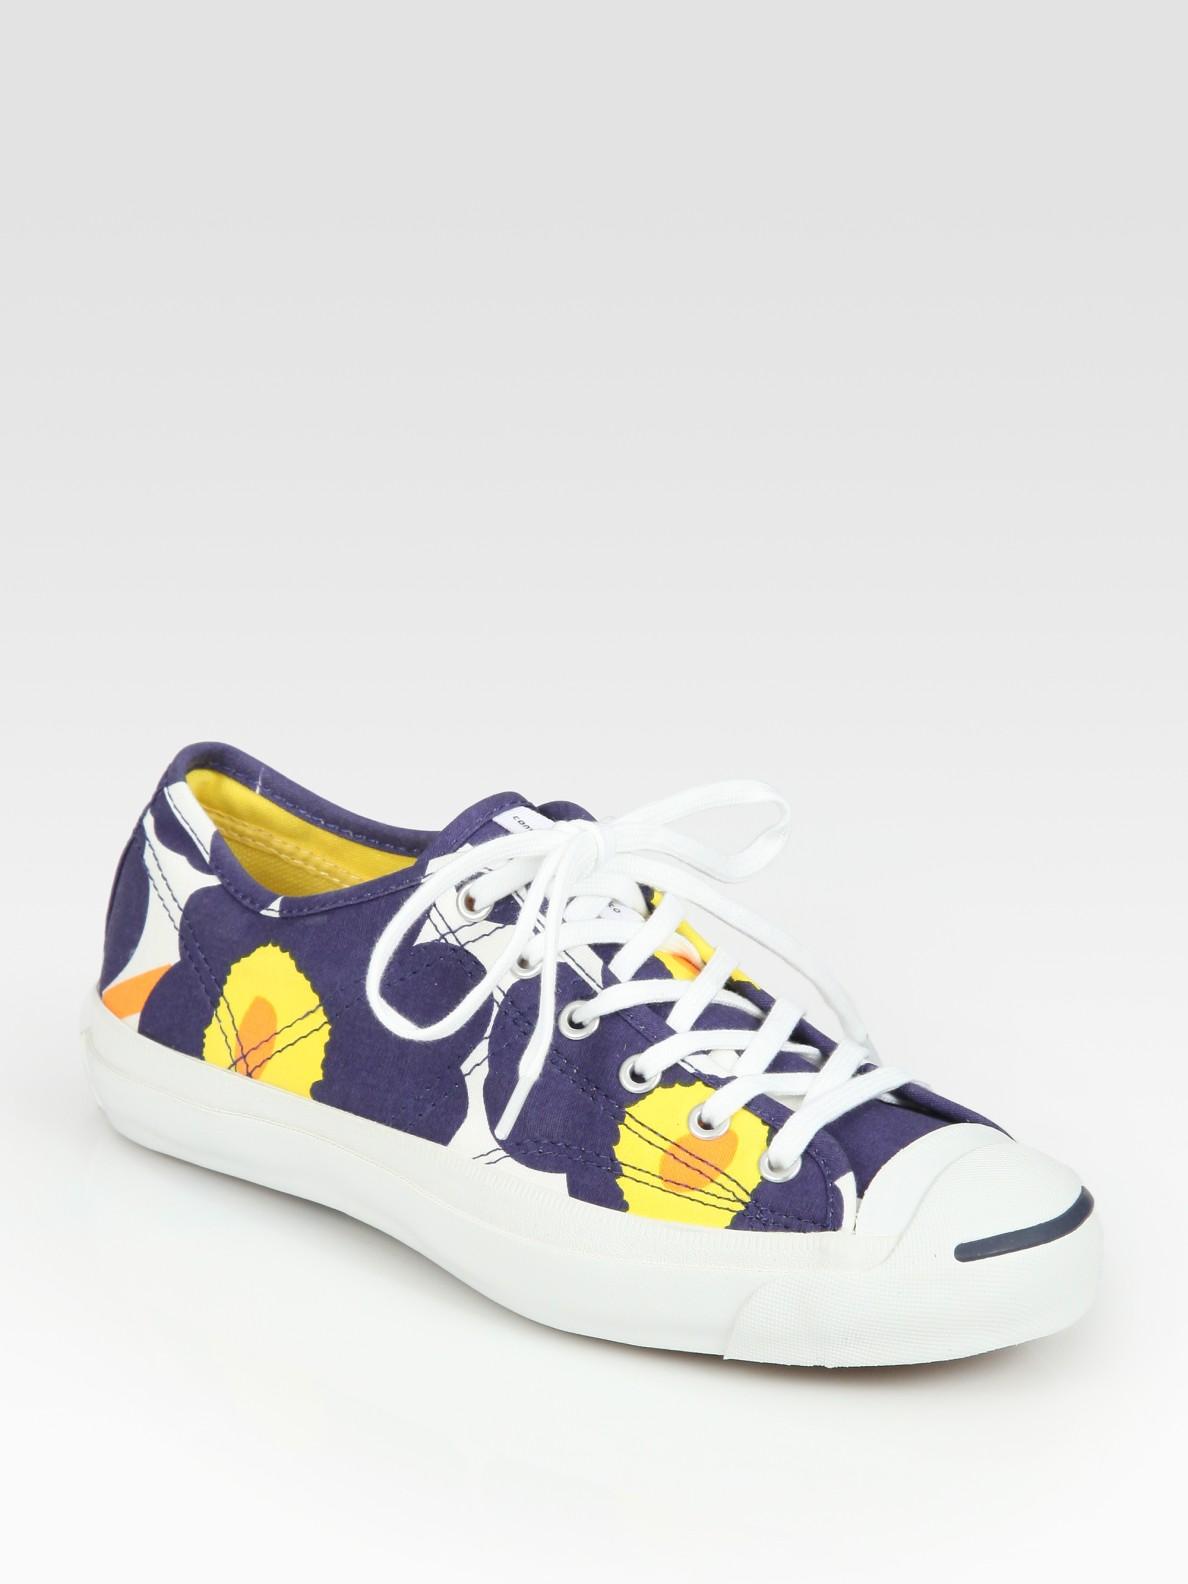 Lyst - Converse Chuck Taylor Marimekko Sneakers in Blue 46068364f